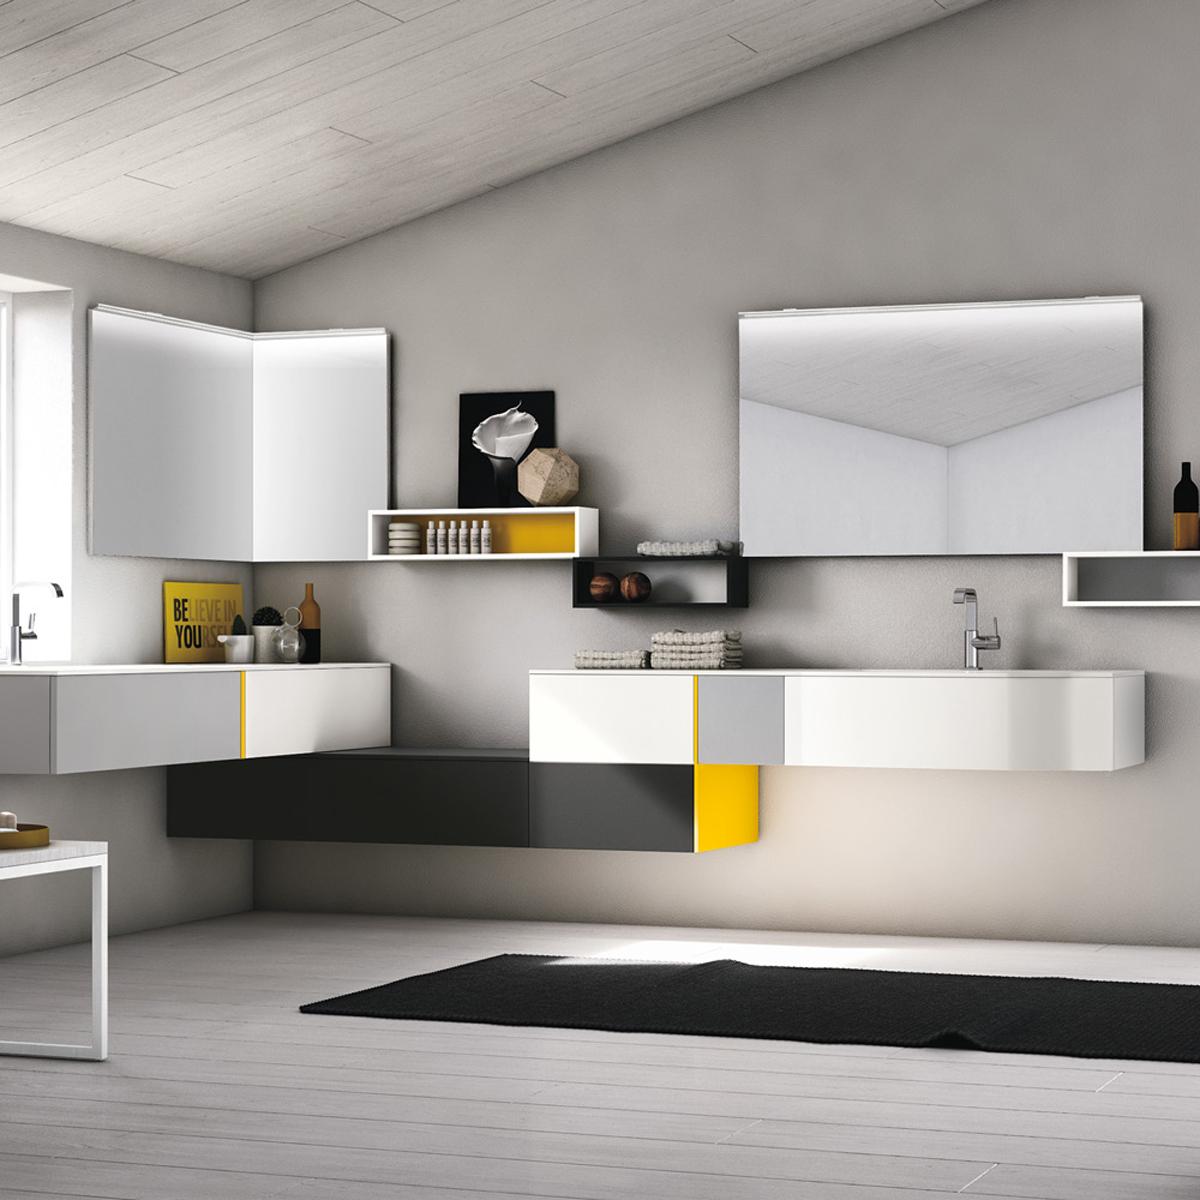 Arredo bagno sabia design center - Arredo bagno produzione ...